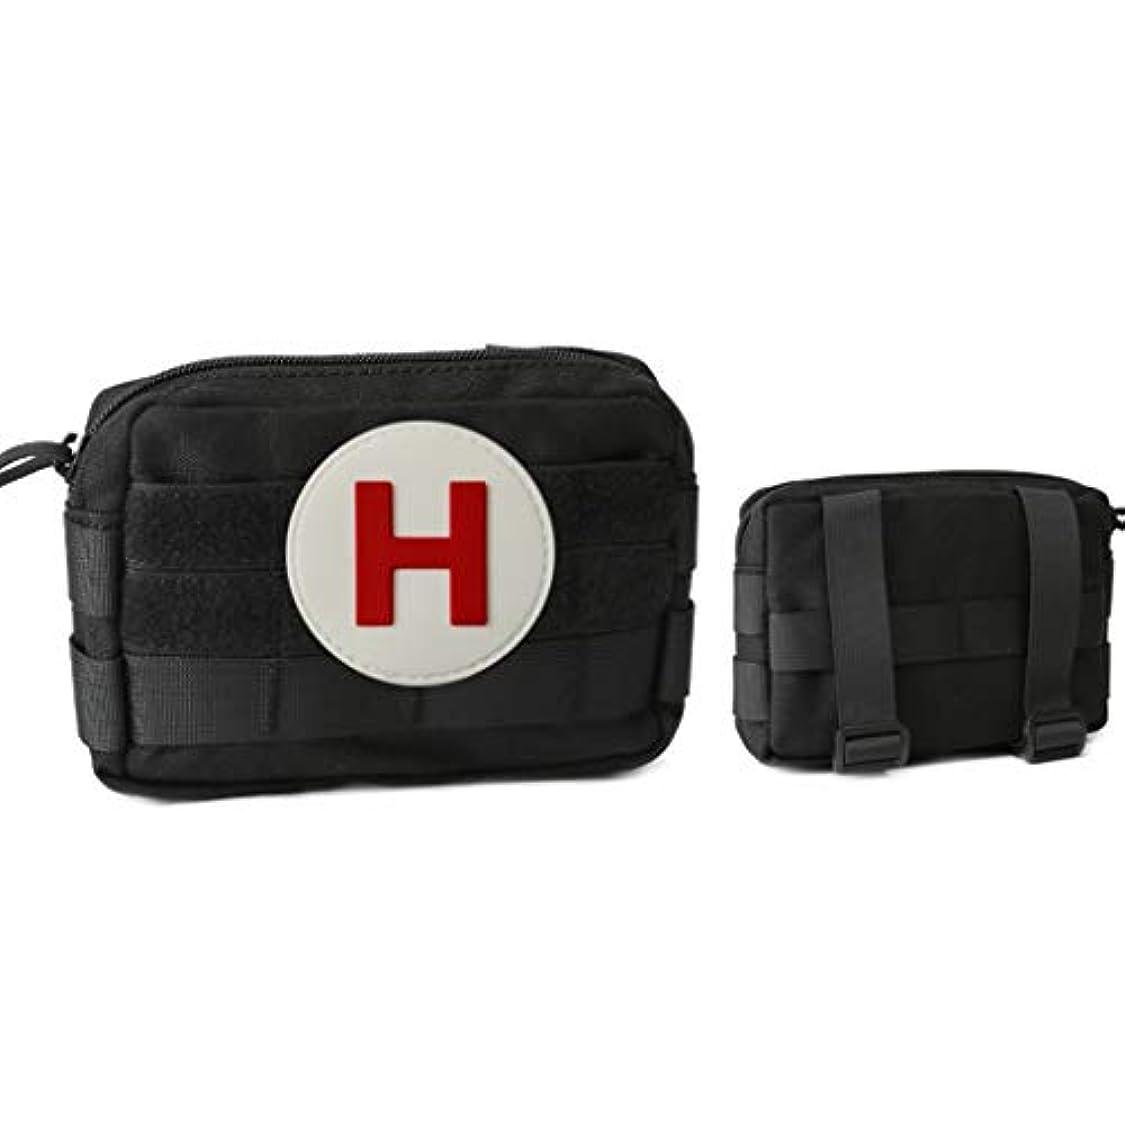 ヤギ目の前のバスケットボール救急キットJedi Survival Game医療キットを使用して、ポケットを持ち運びしやすくする/ 9色を選択可能 LXMSP (Color : G)